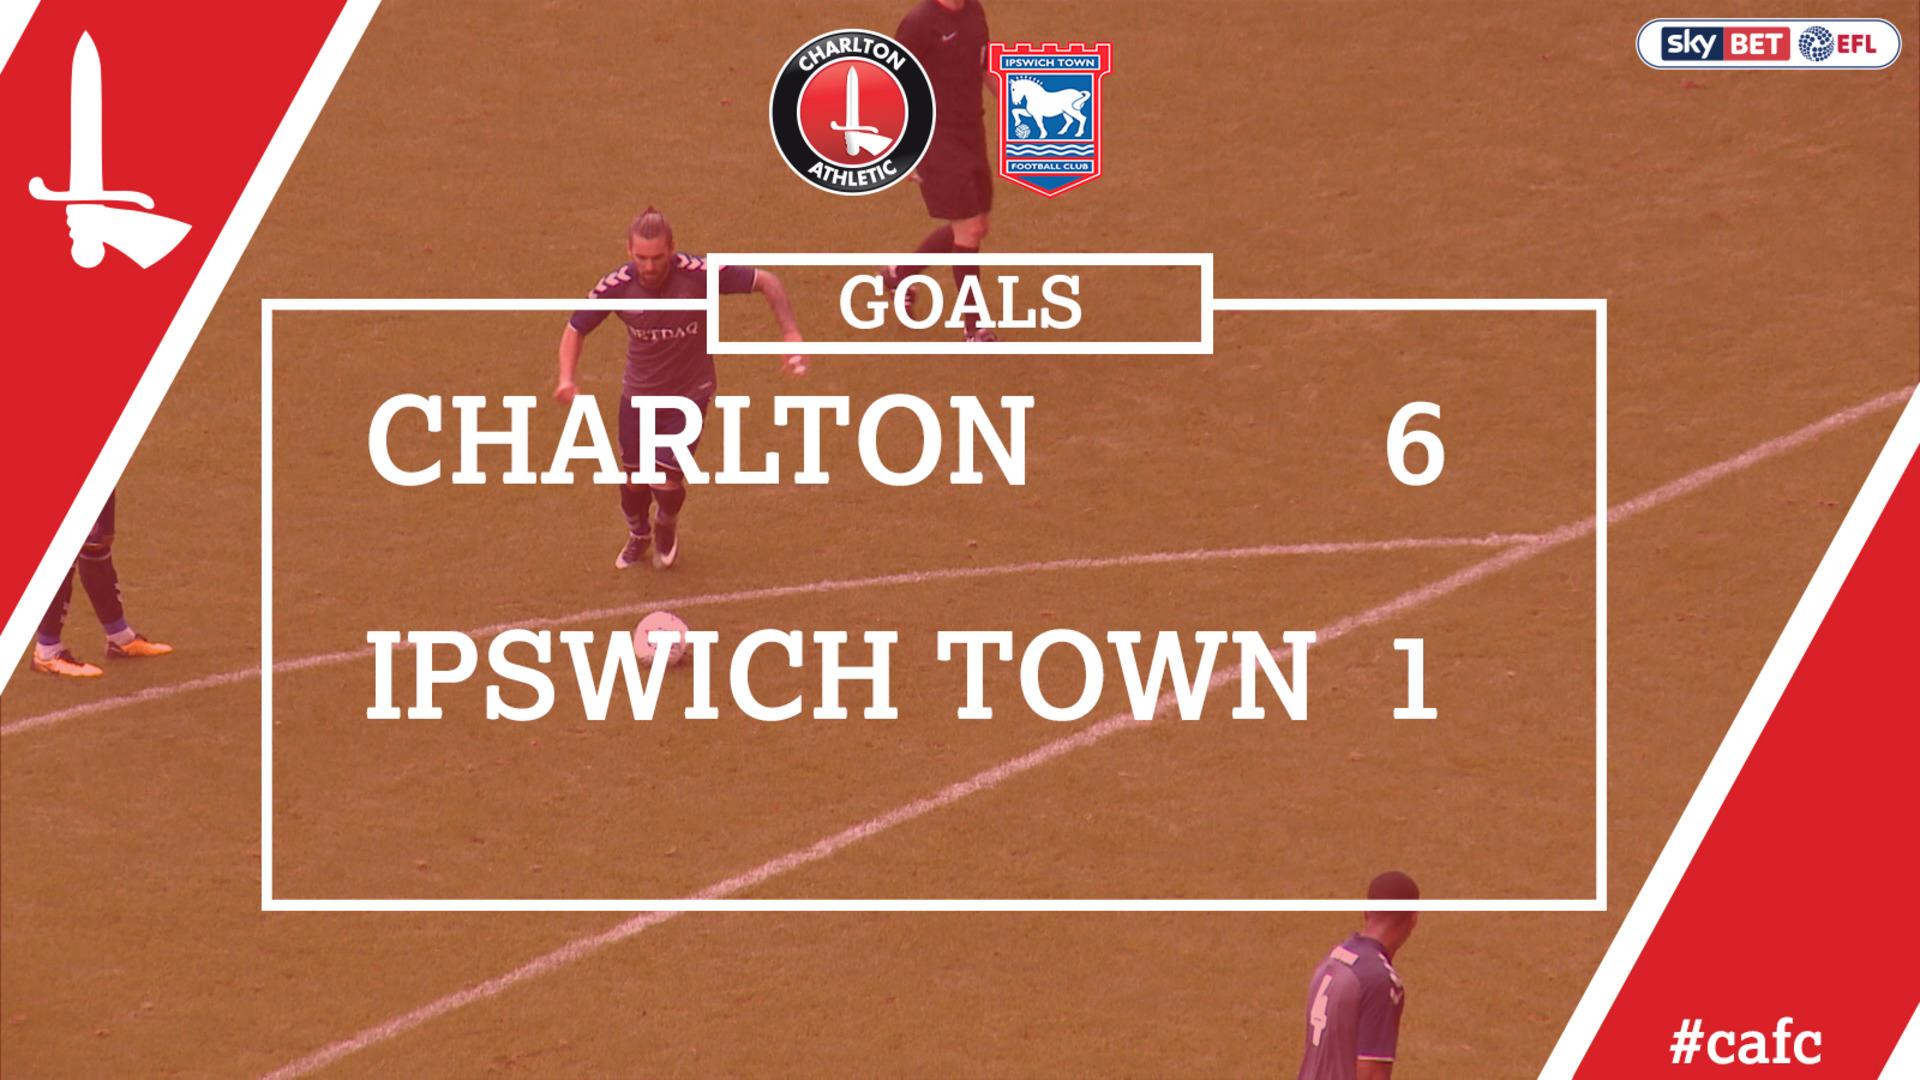 GOALS   Charlton 6 Ipswich Town 1